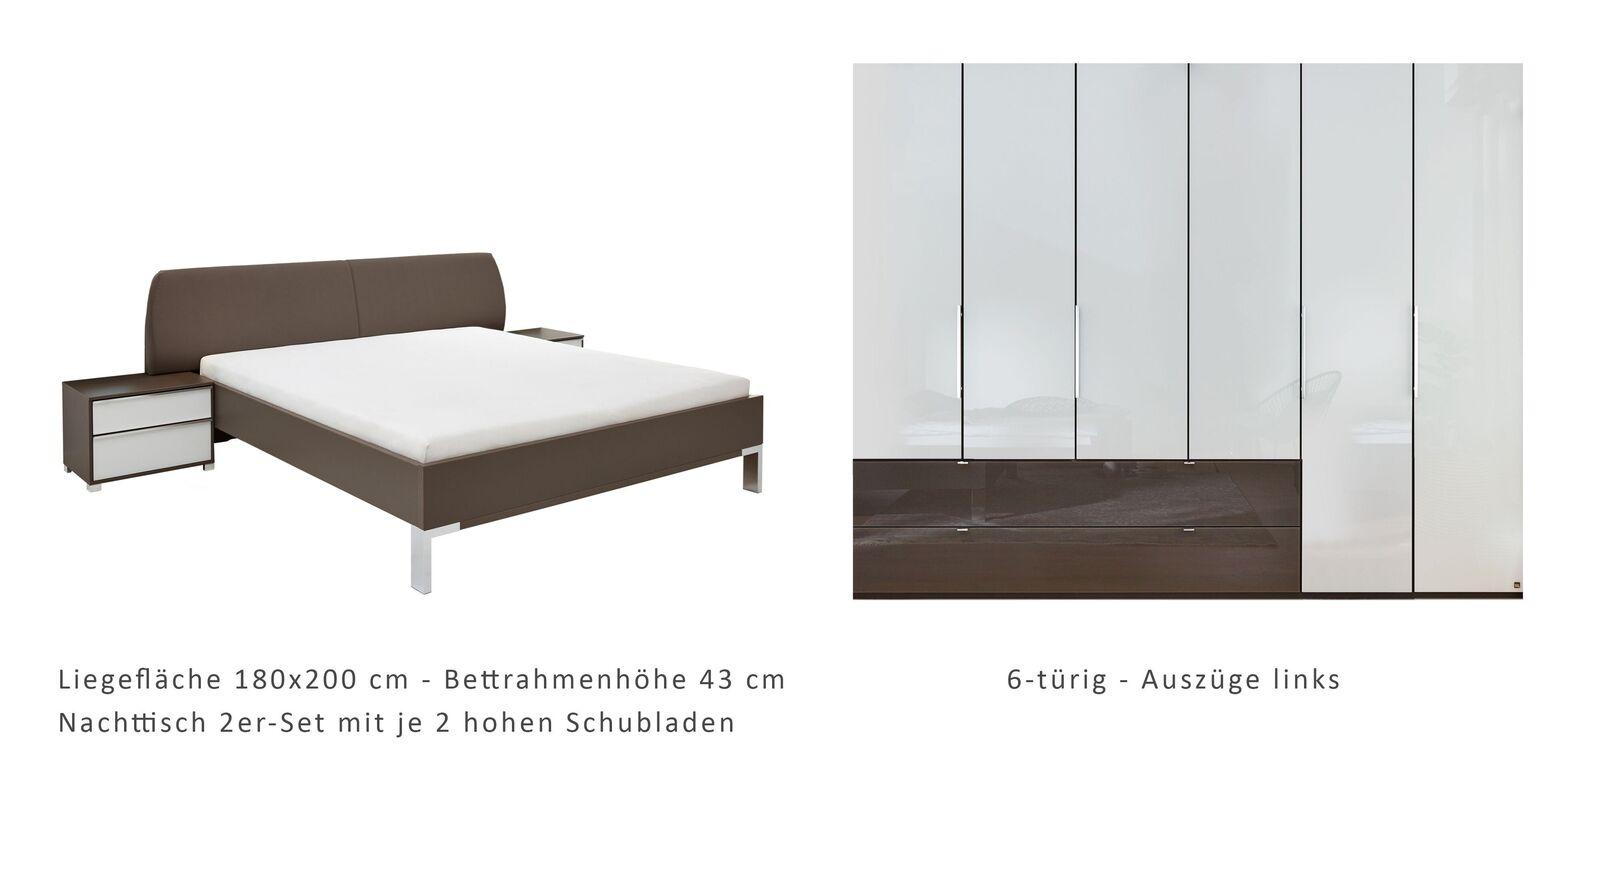 INTERLIVING Schlaftimmer 1006 Variante 02